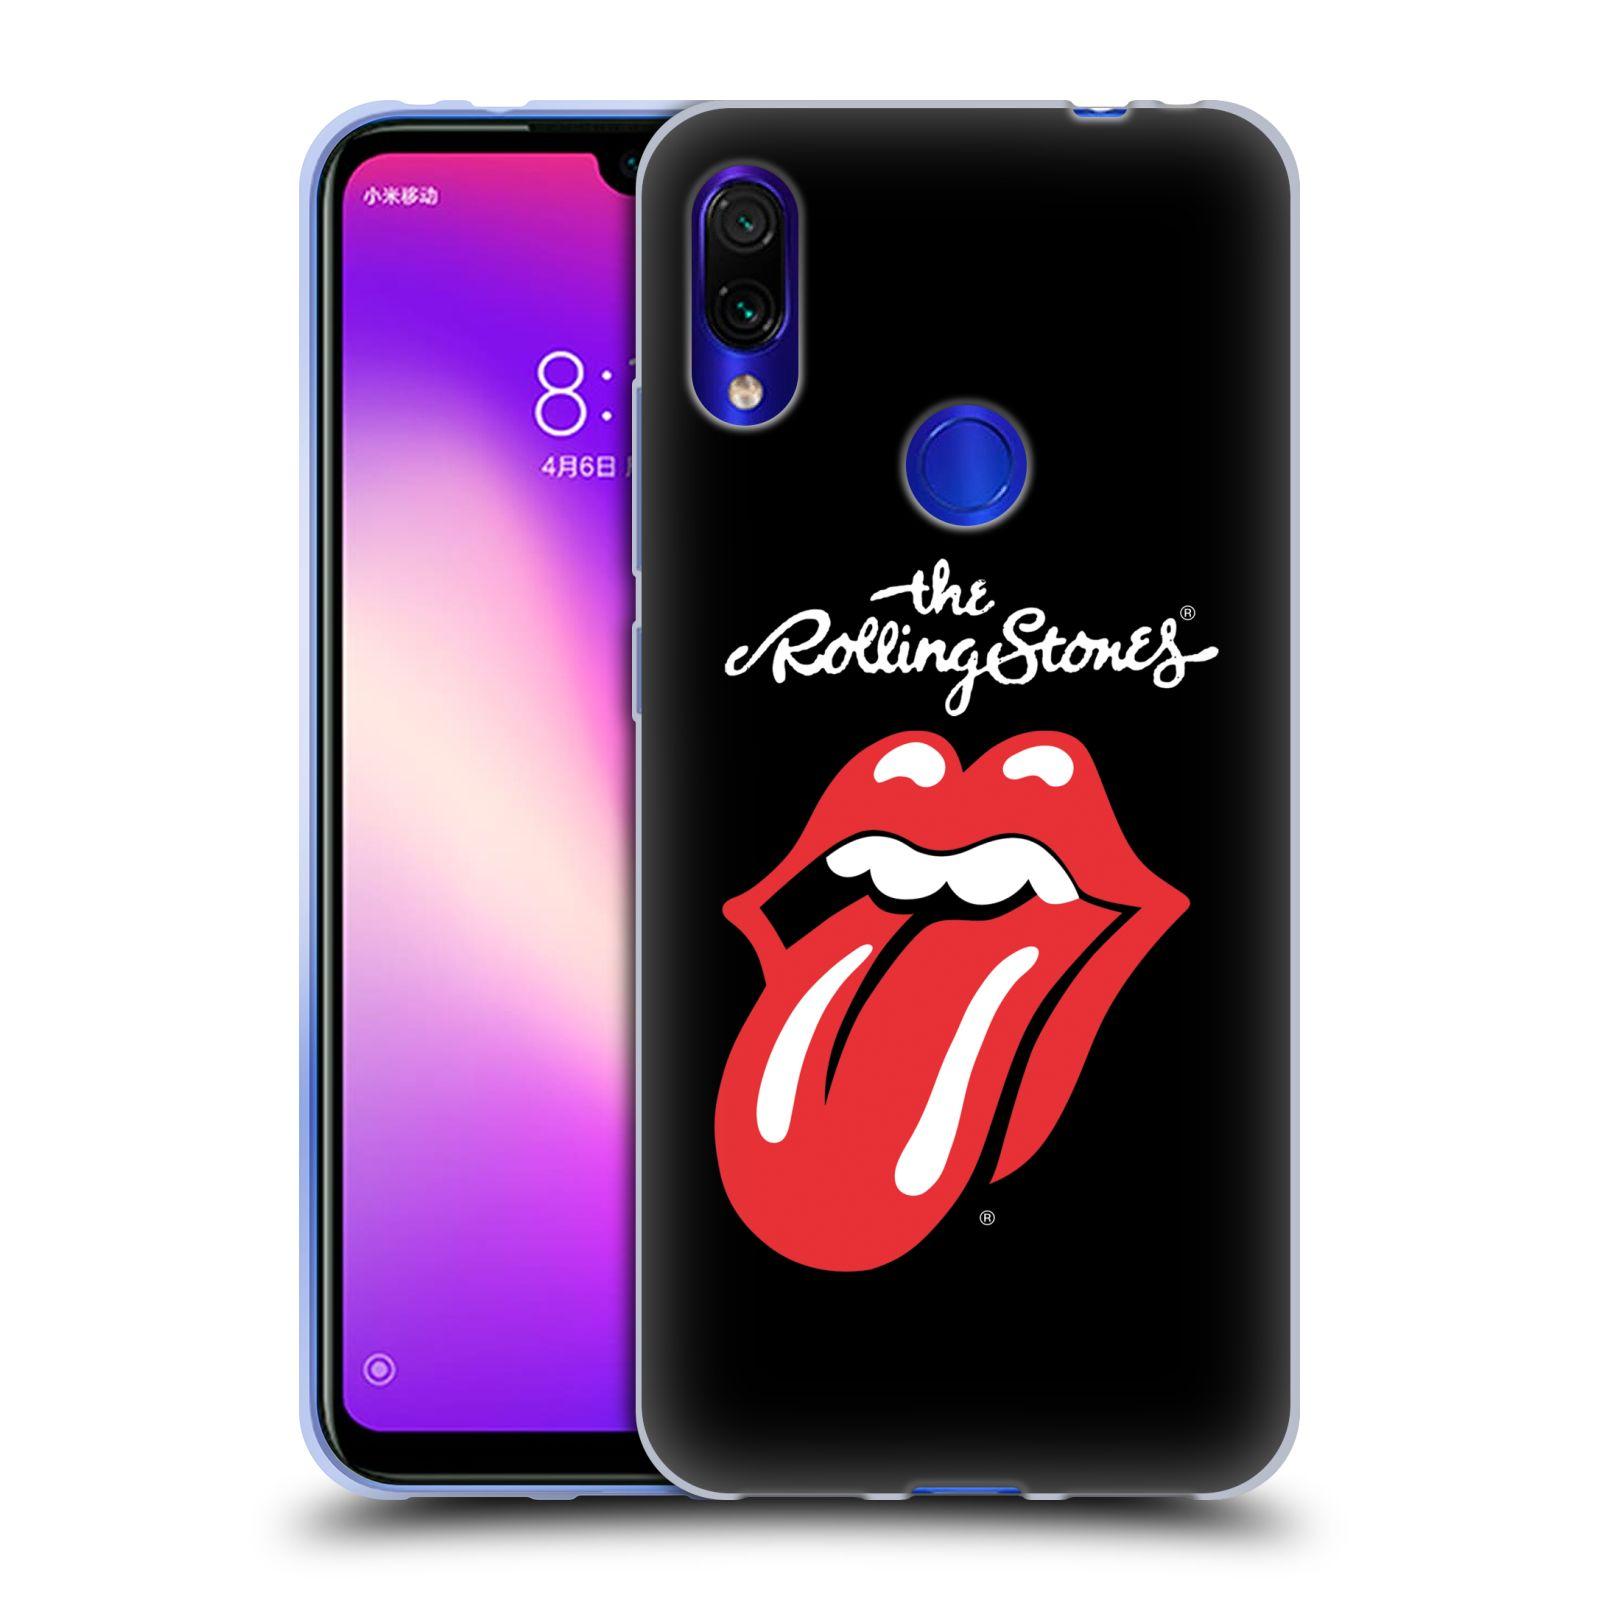 Silikonové pouzdro na mobil Xiaomi Redmi Note 7 - Head Case - The Rolling Stones - Classic Lick